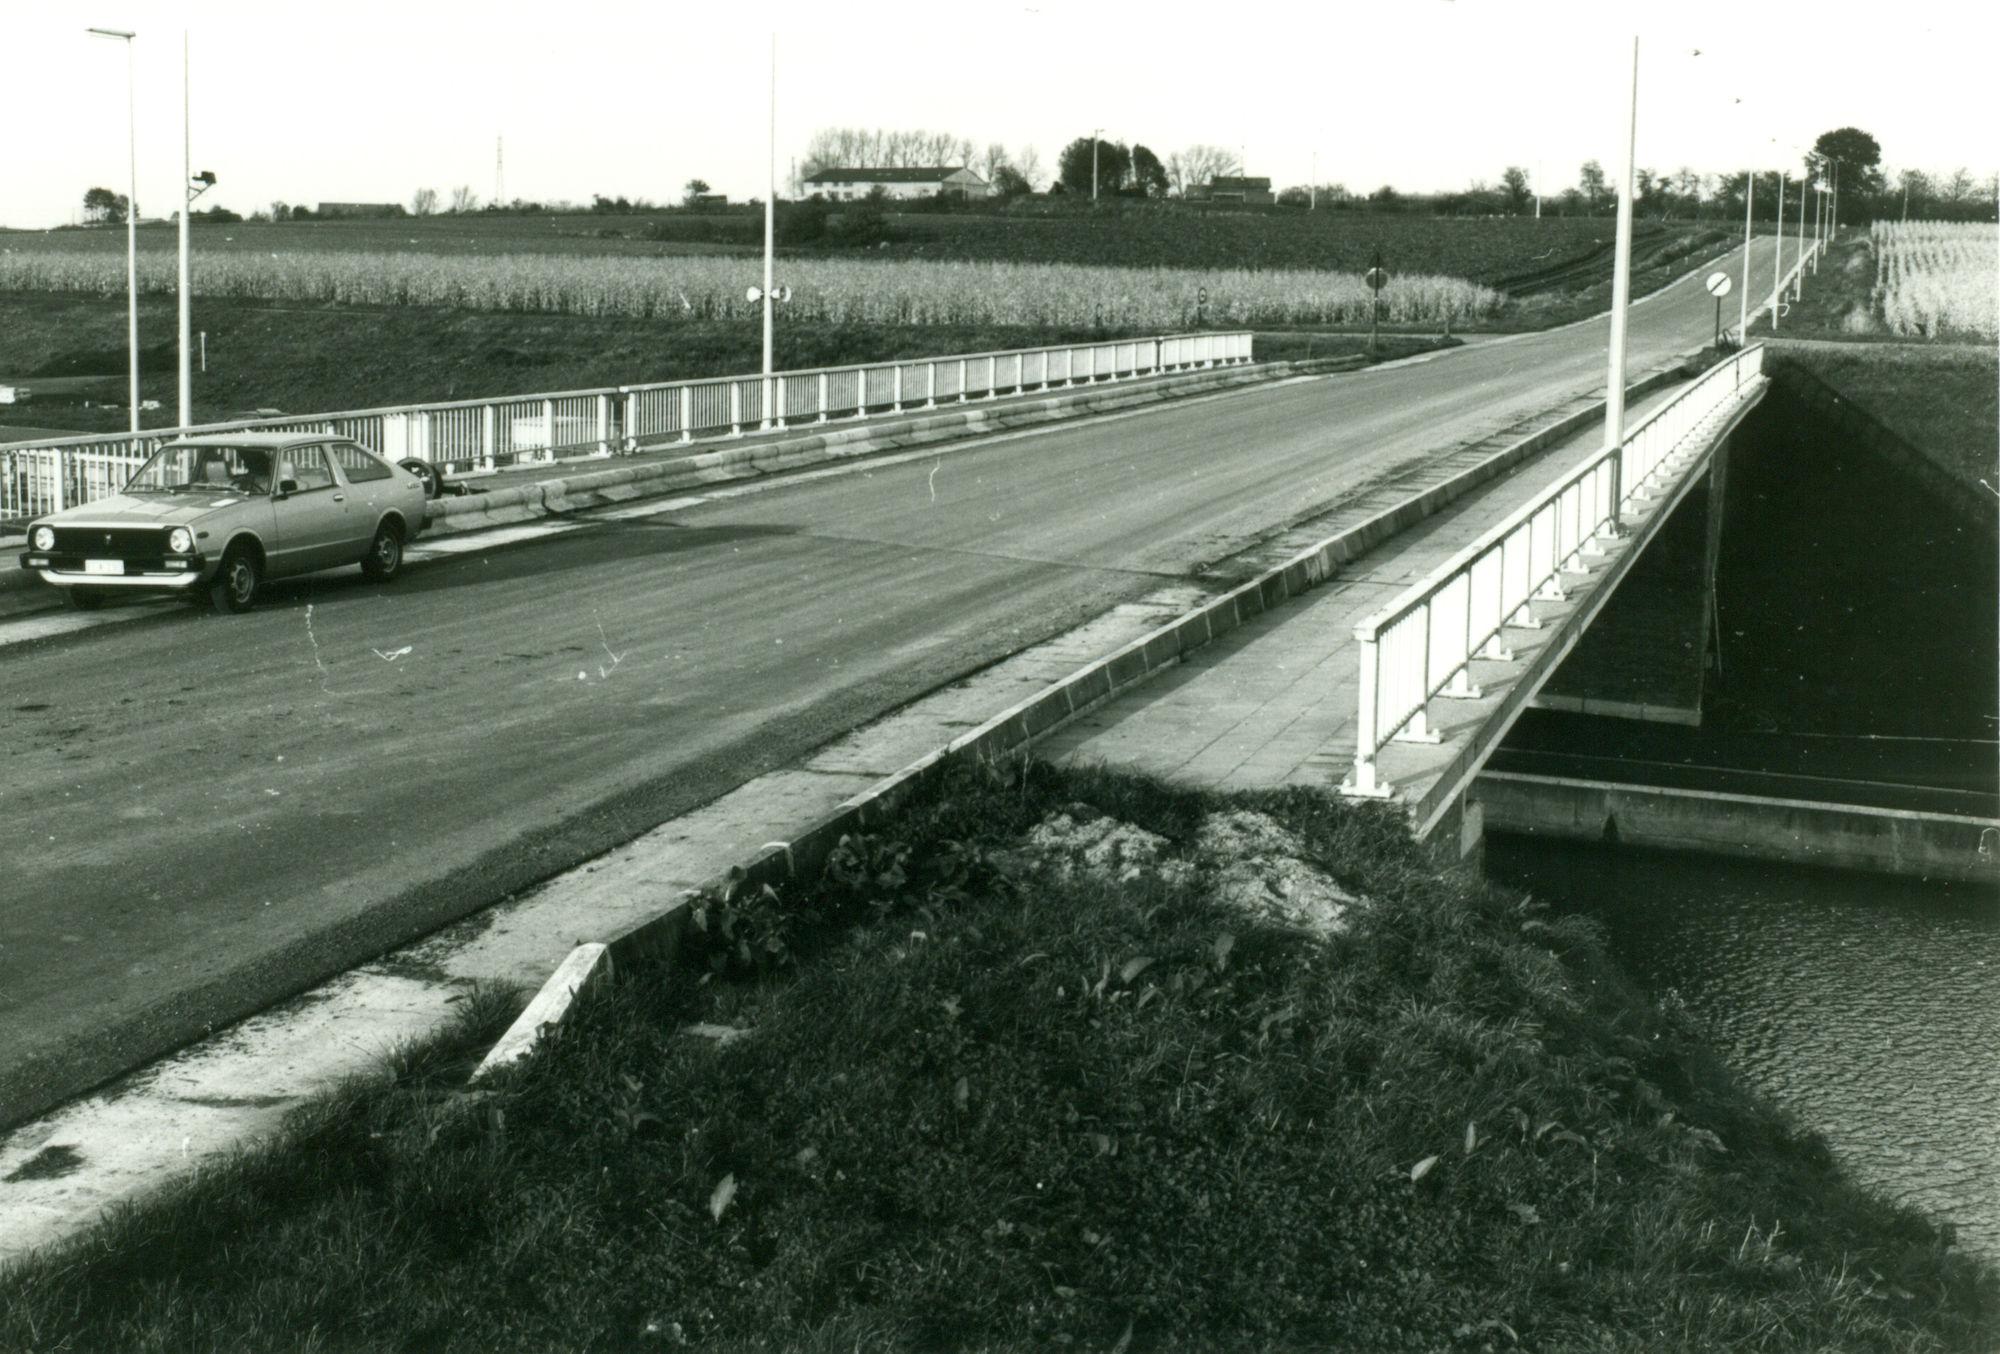 Brug over het kanaal Bossuit-Kortrijk te Moen 1981